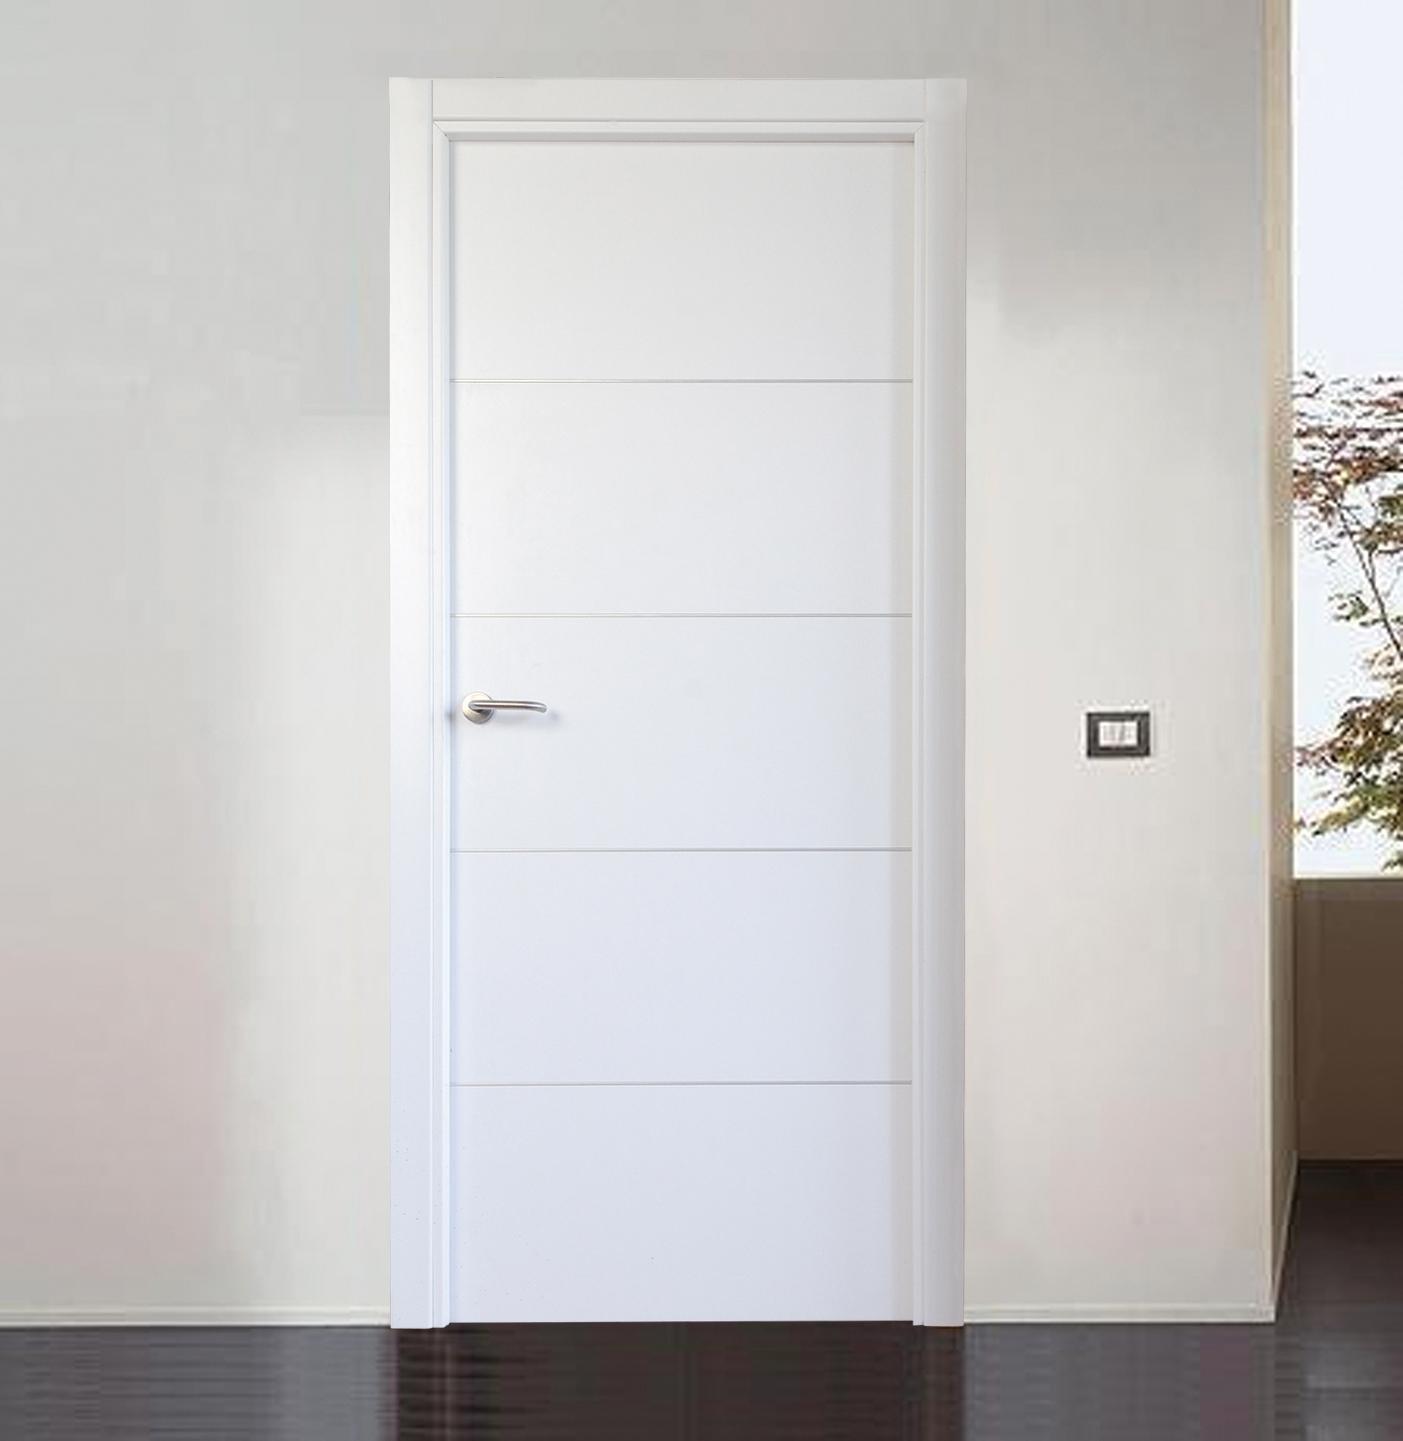 Lacado de muebles y puertas carpintero en almer a - Puertas de interior blancas precios ...